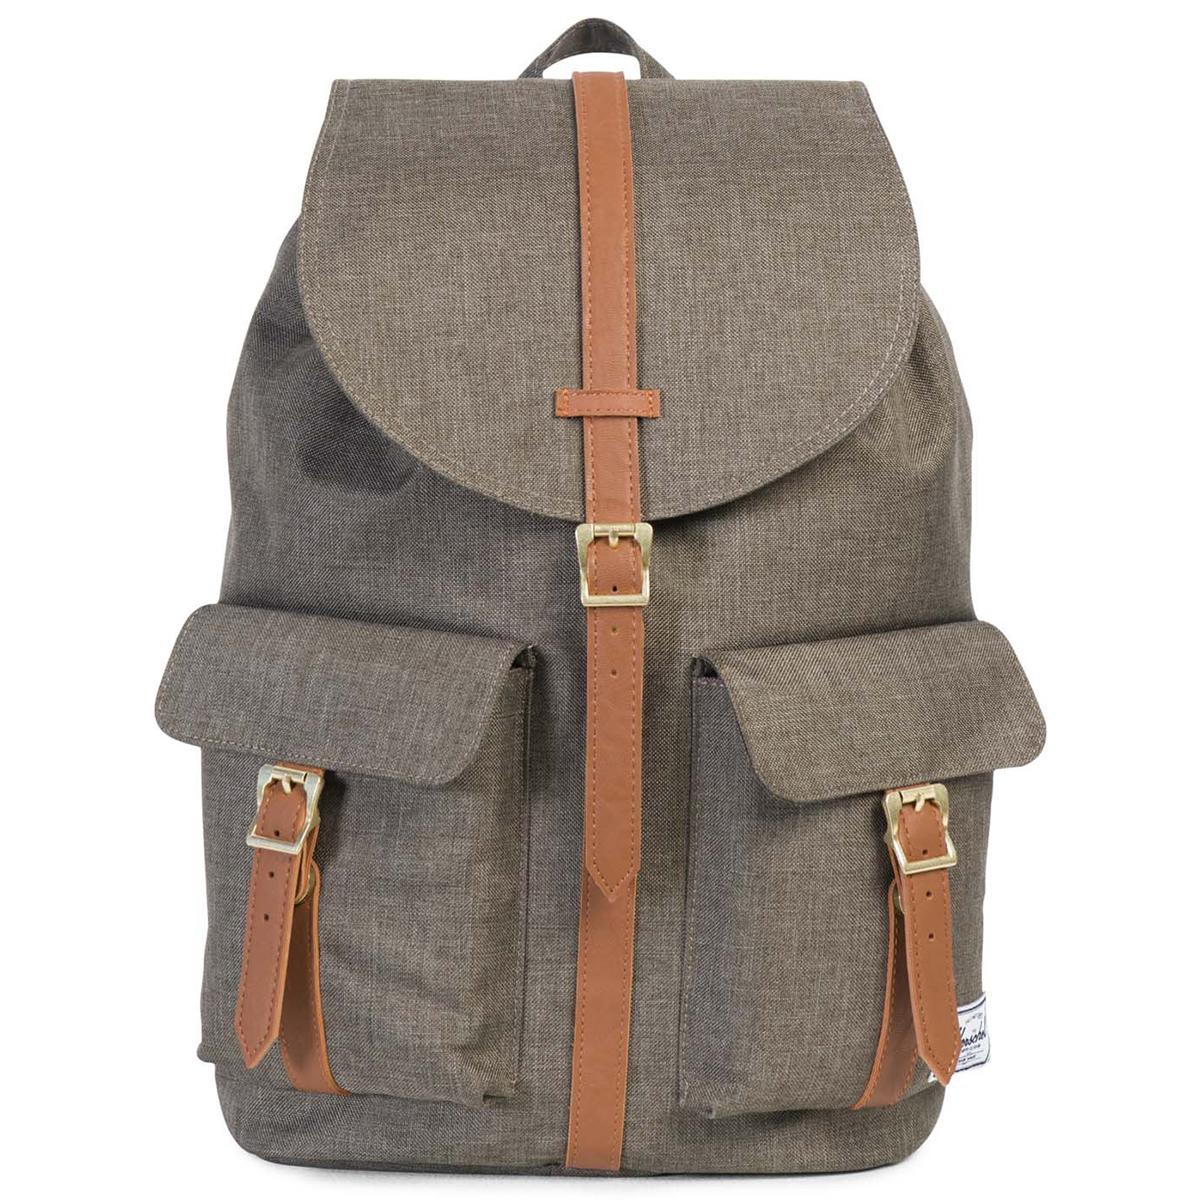 Рюкзак городской Herschel Dawson (A/S), цвет: хаки. 82843212260895940-905Рюкзак Herschel Dawson ™ функциональный и вместительный, создан для разведки. Удобные внешние карманы.